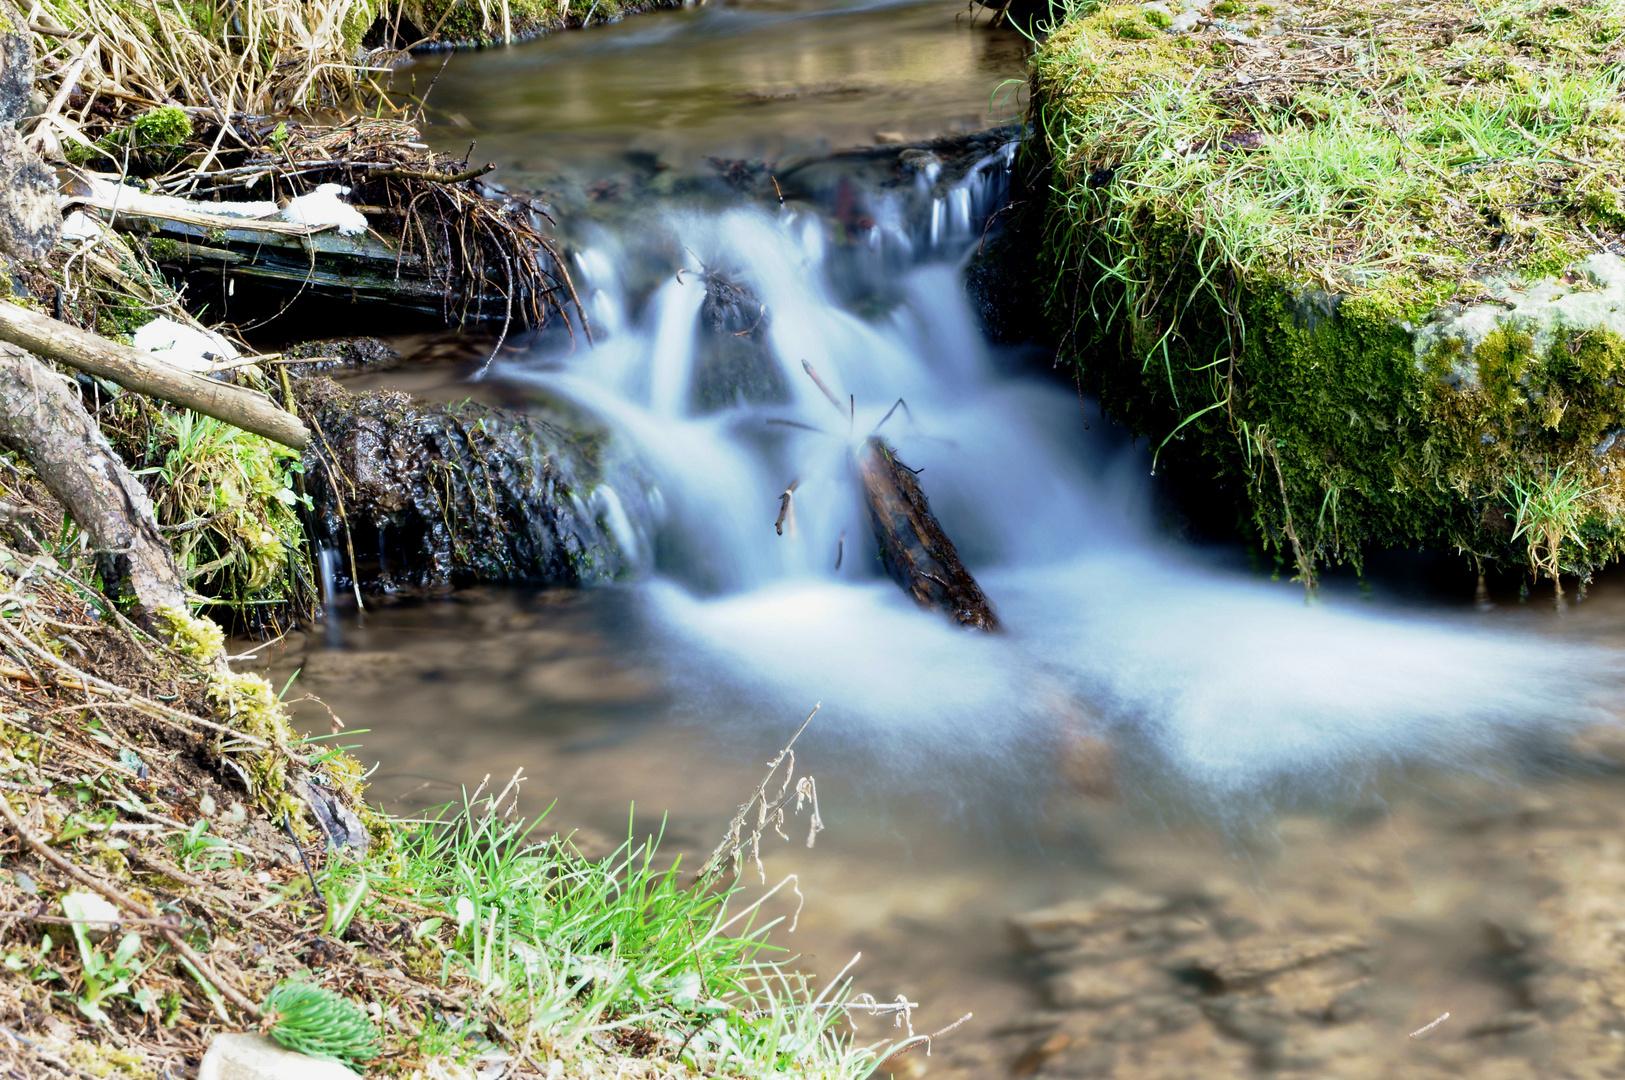 Wasserspiel am Zitzmannsbrunnenbächle in Dornhan